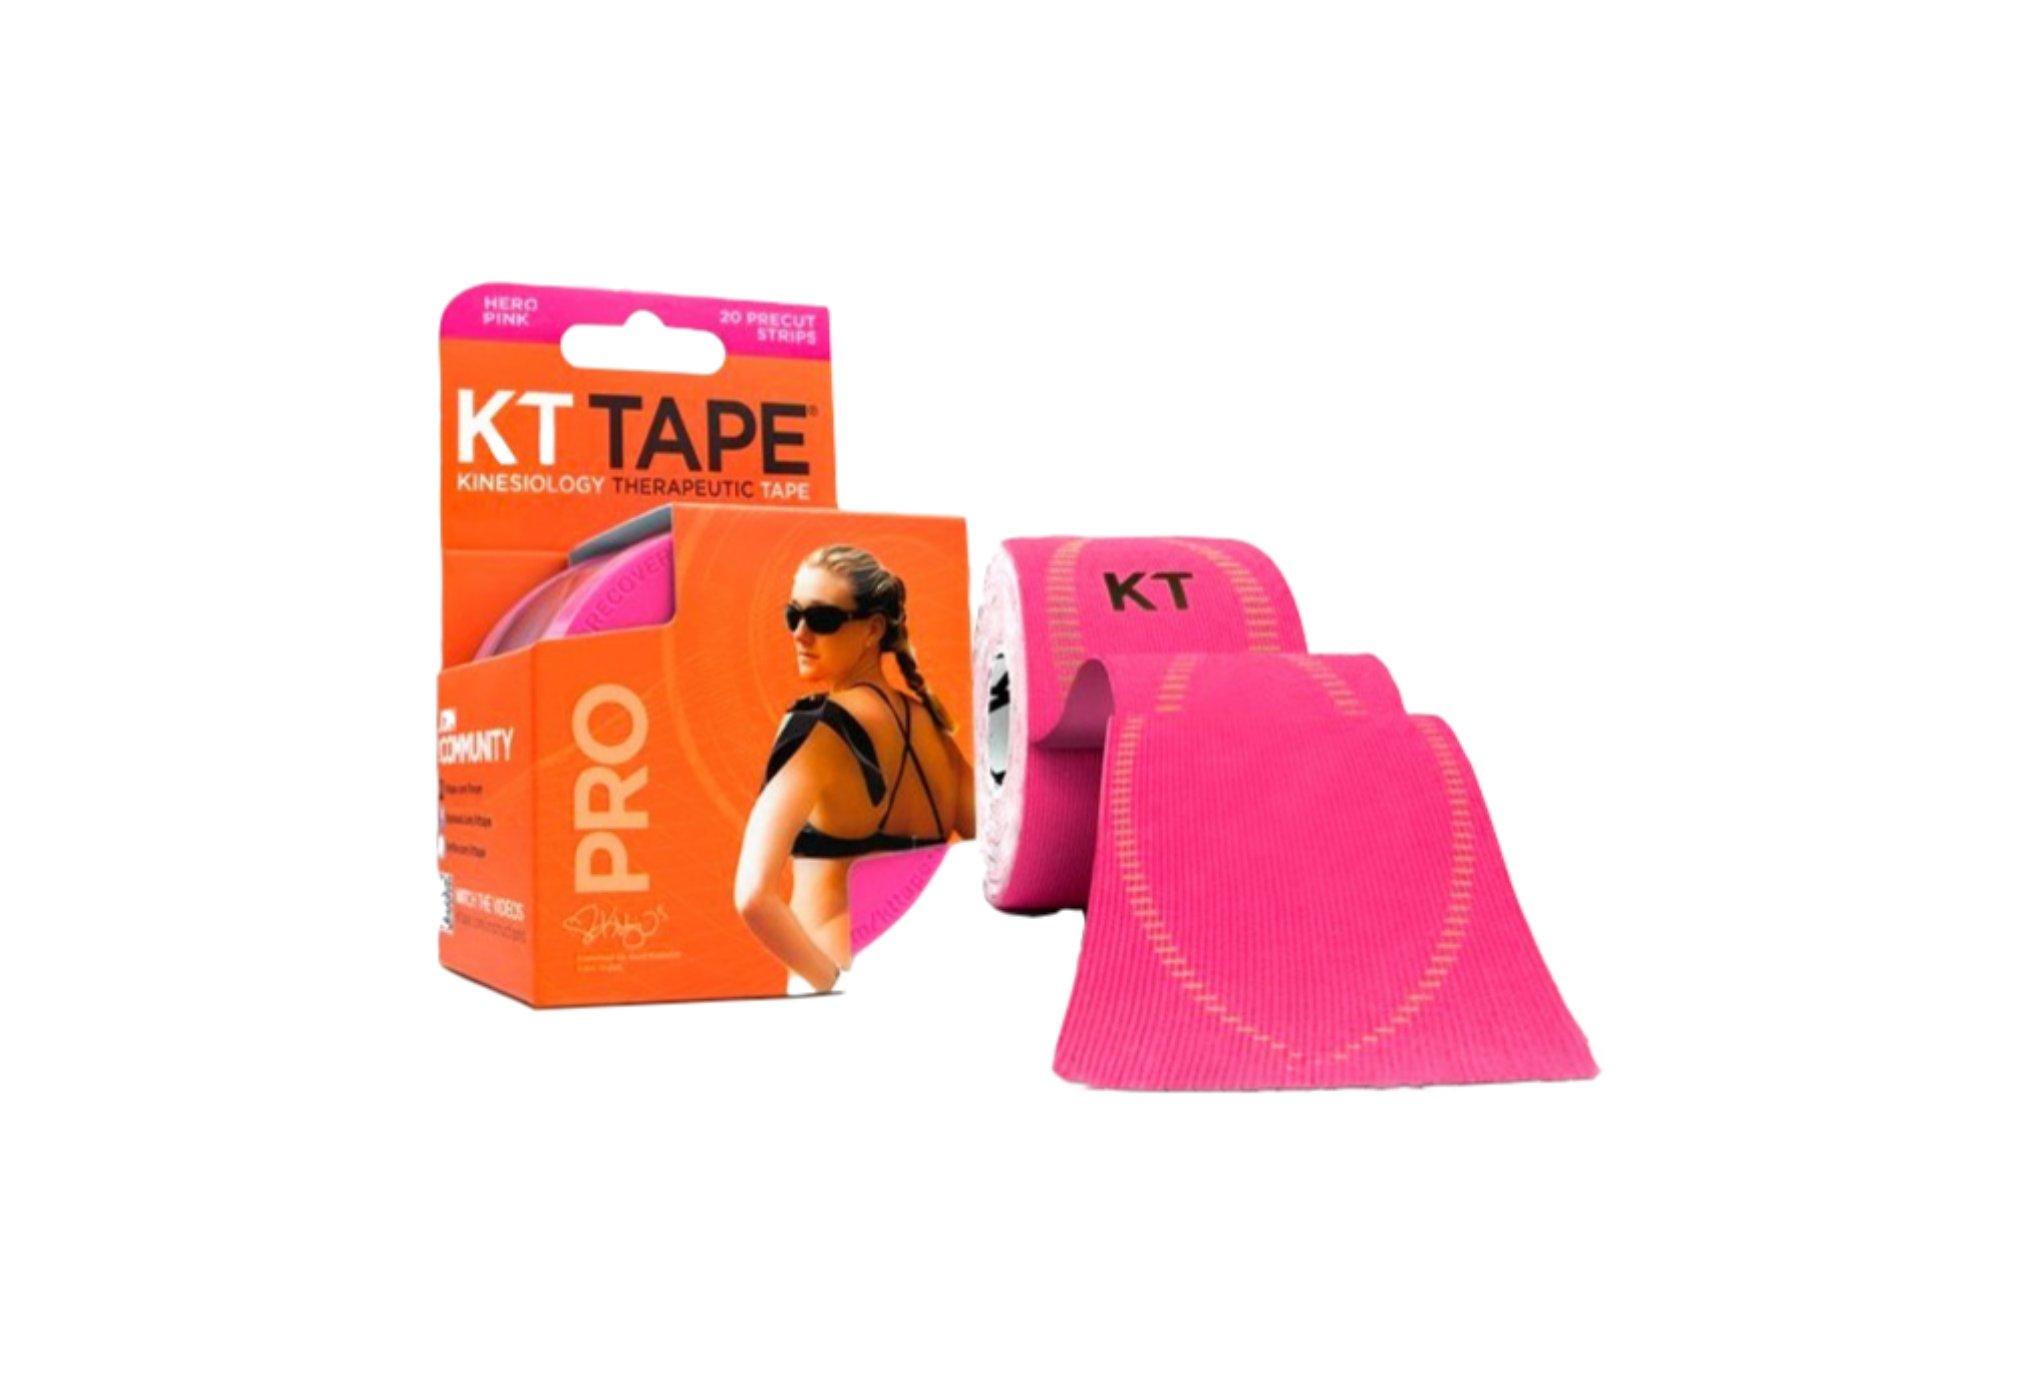 KT Tape Synthetic Pro Pré-découpé Protection musculaire & articulaire